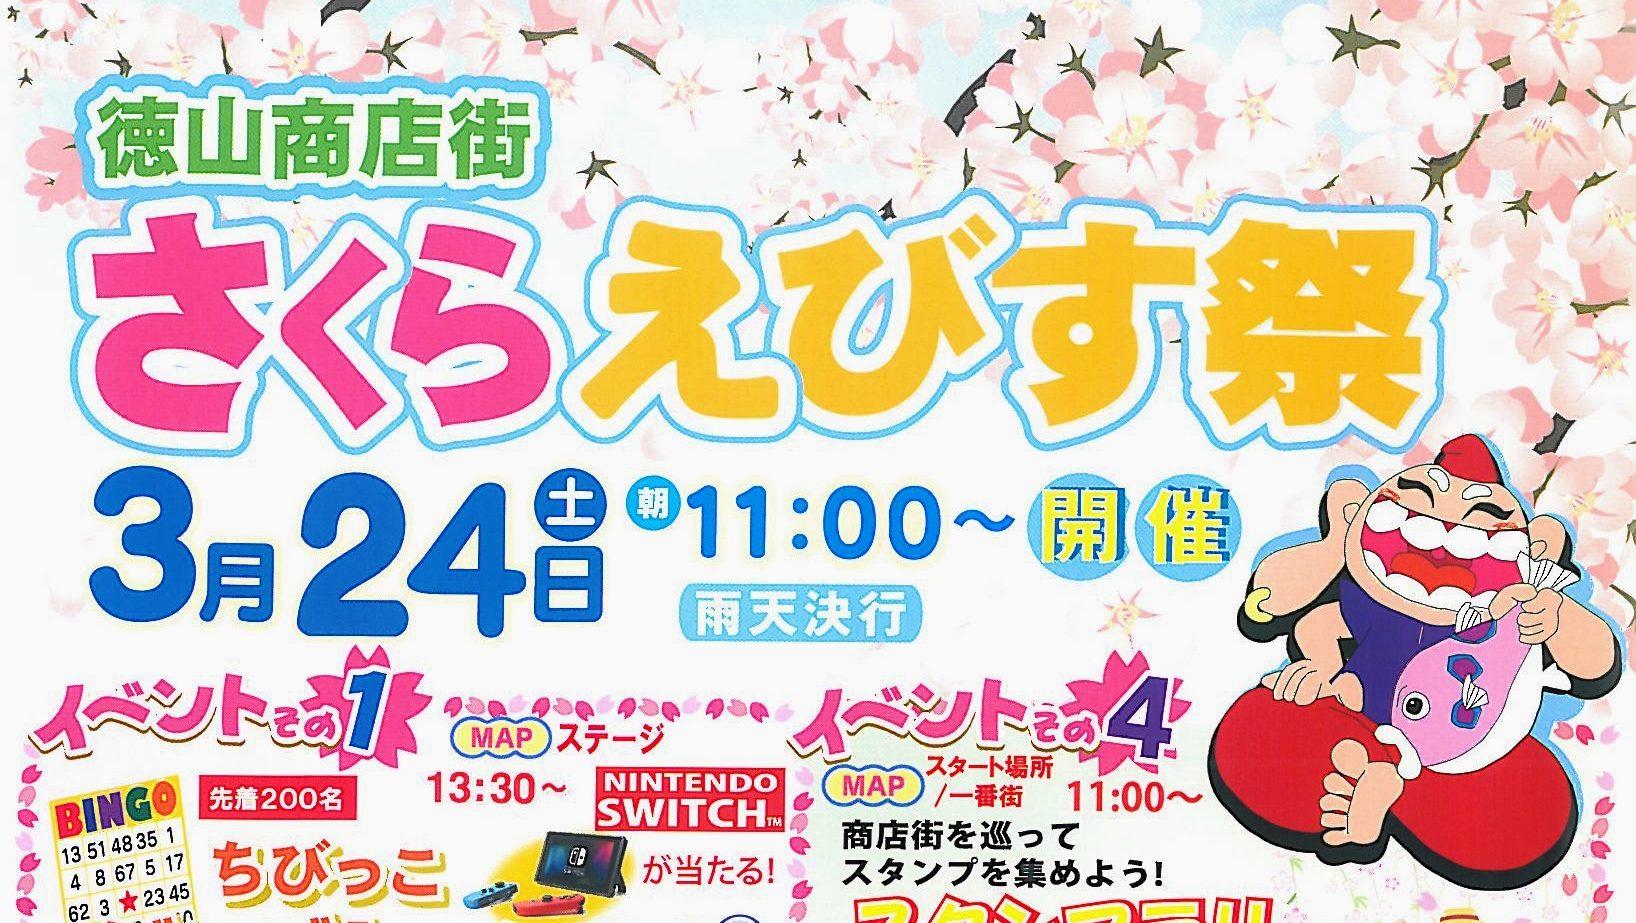 年に一度!徳山商店街のさくらえびす祭はお得がいっぱい!